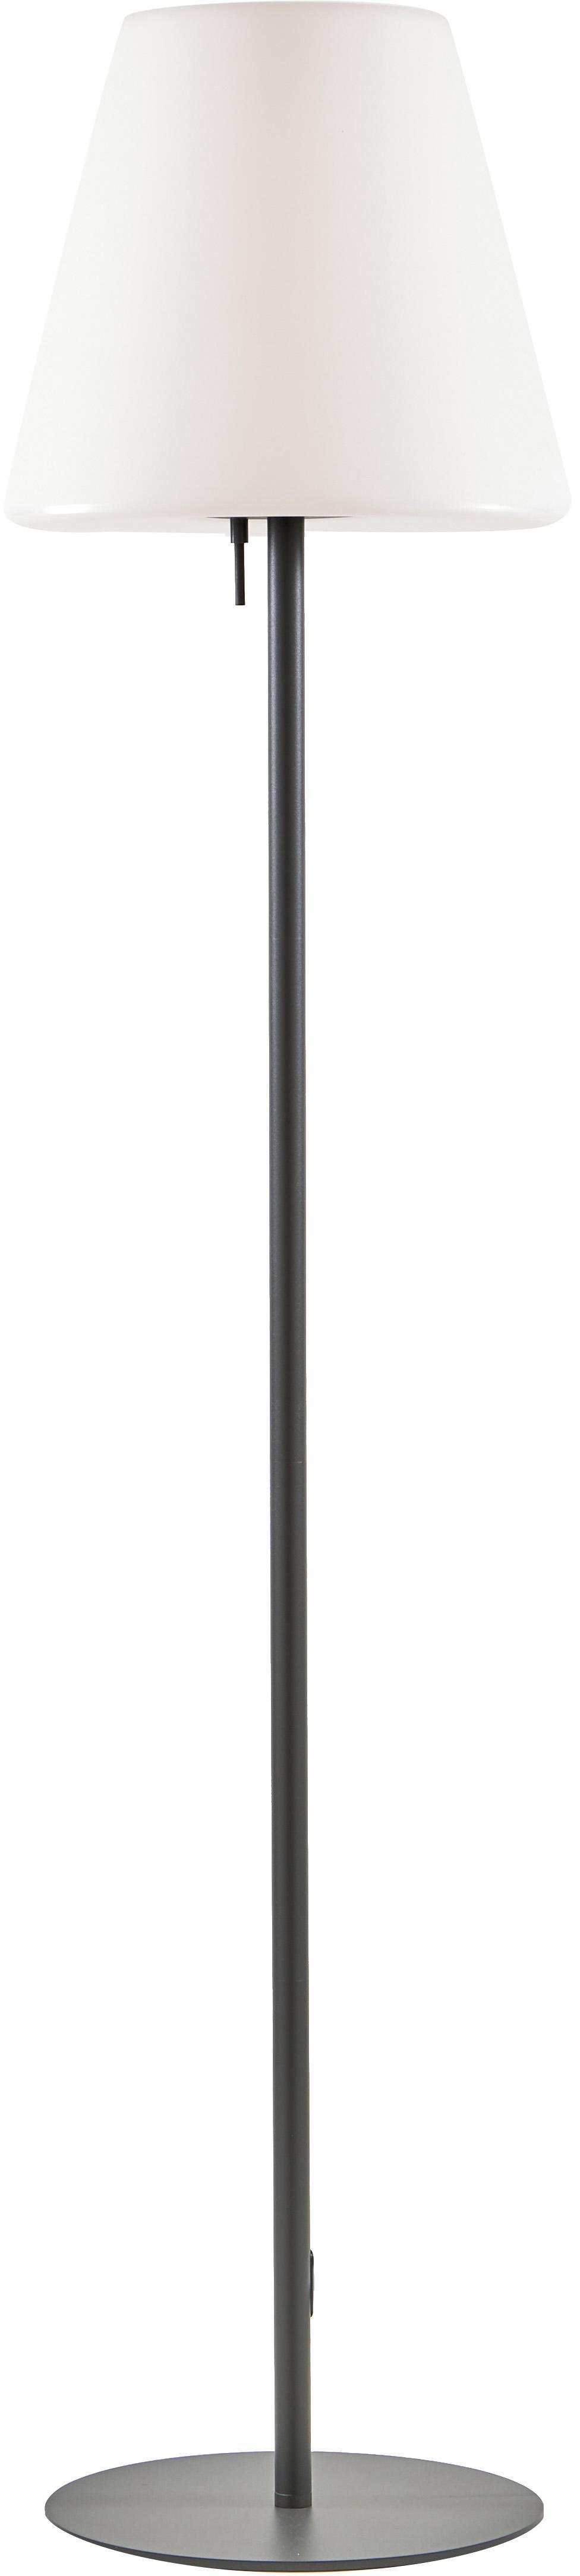 Mobiele outdoor vloerlamp Gaze, Lampenkap: kunststof, Lampvoet: geanodiseerd aluminium, Lampenkap: wit. Lampvoet: donkergrijs, Ø 35 x H 150 cm